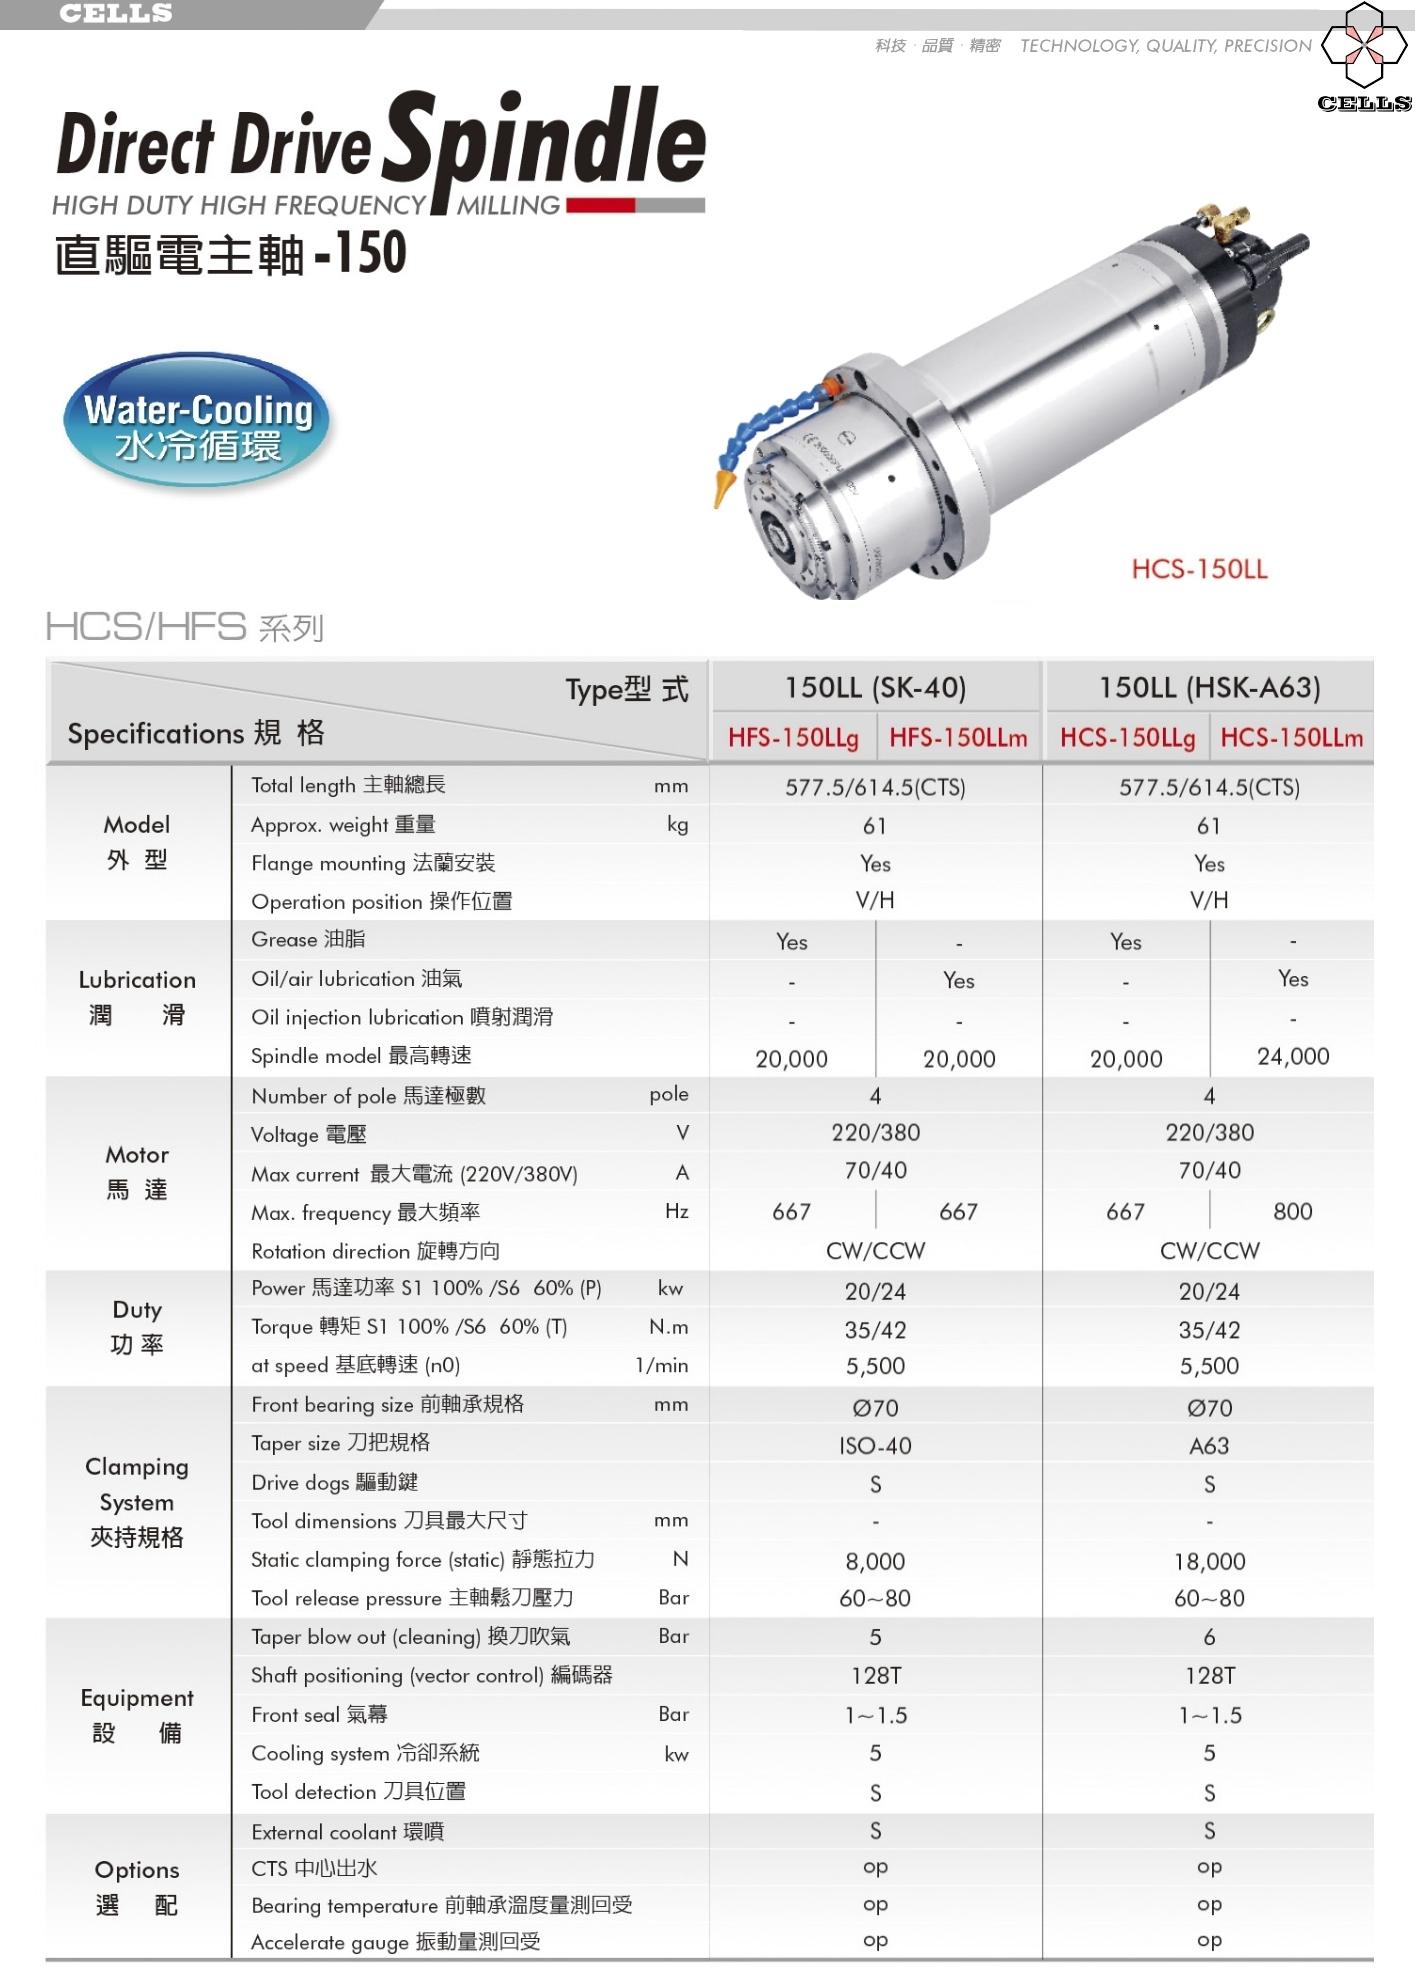 直驅電主軸-150ll